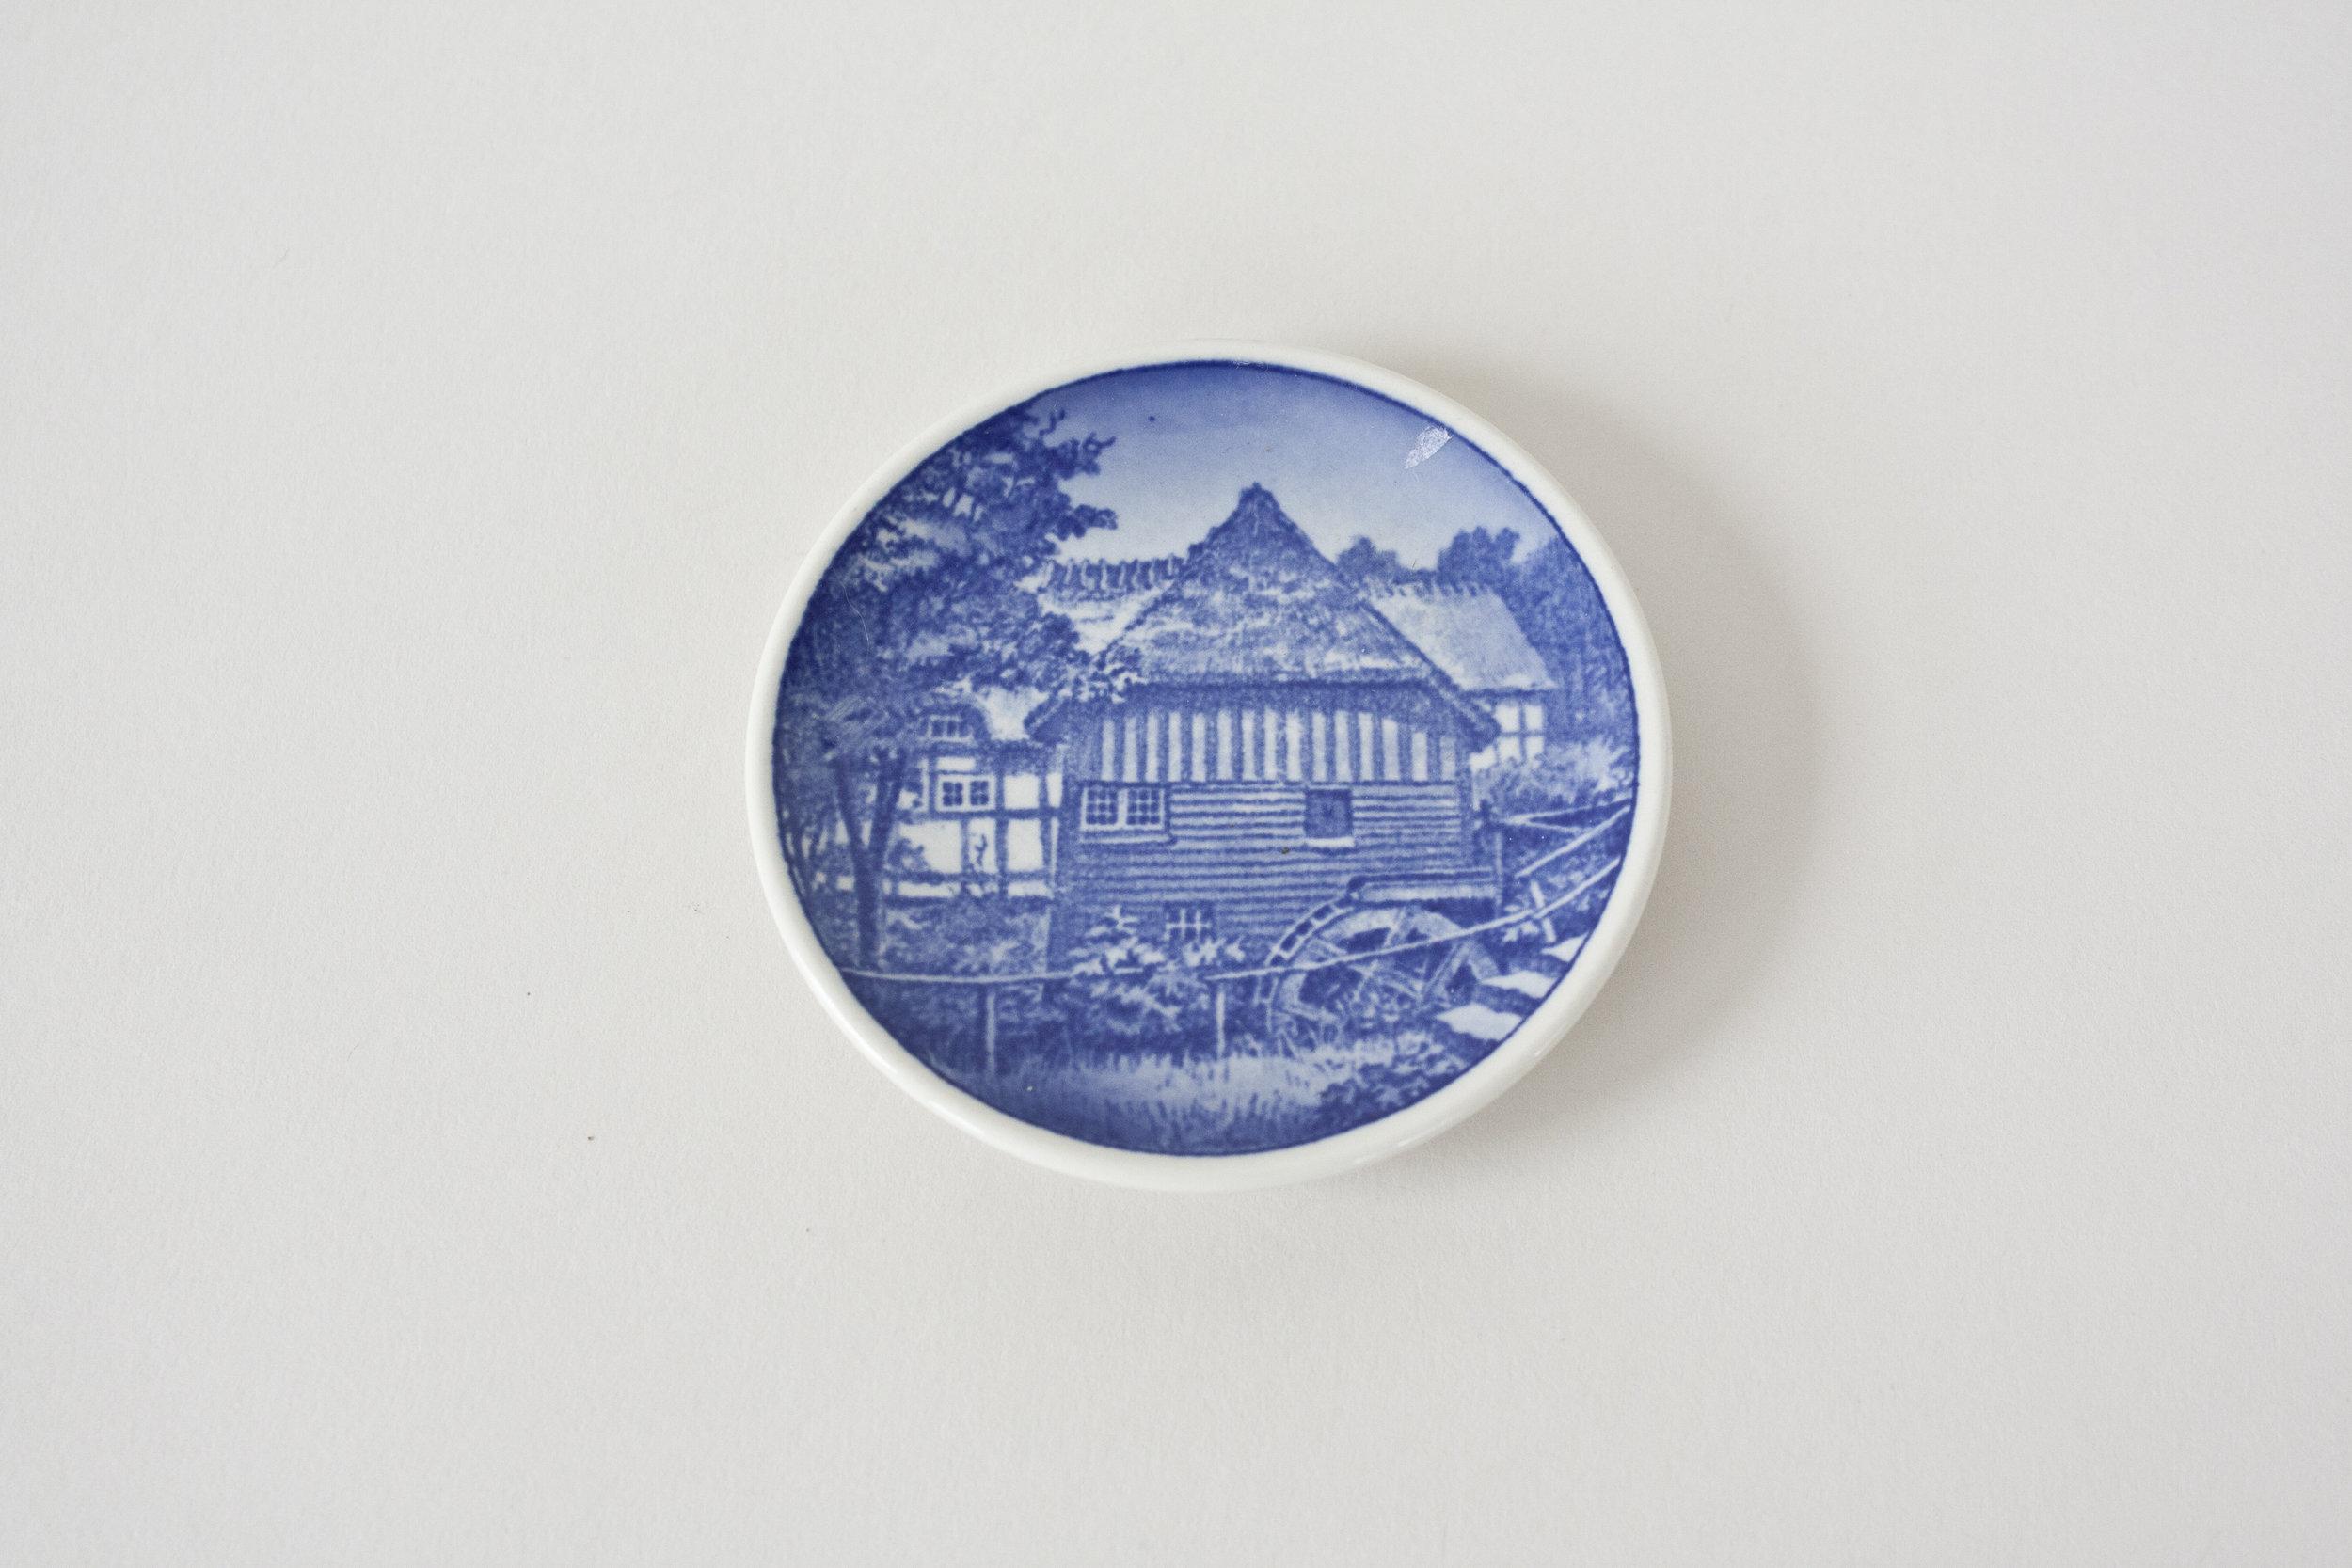 16-1. blue transfer ware mini plate